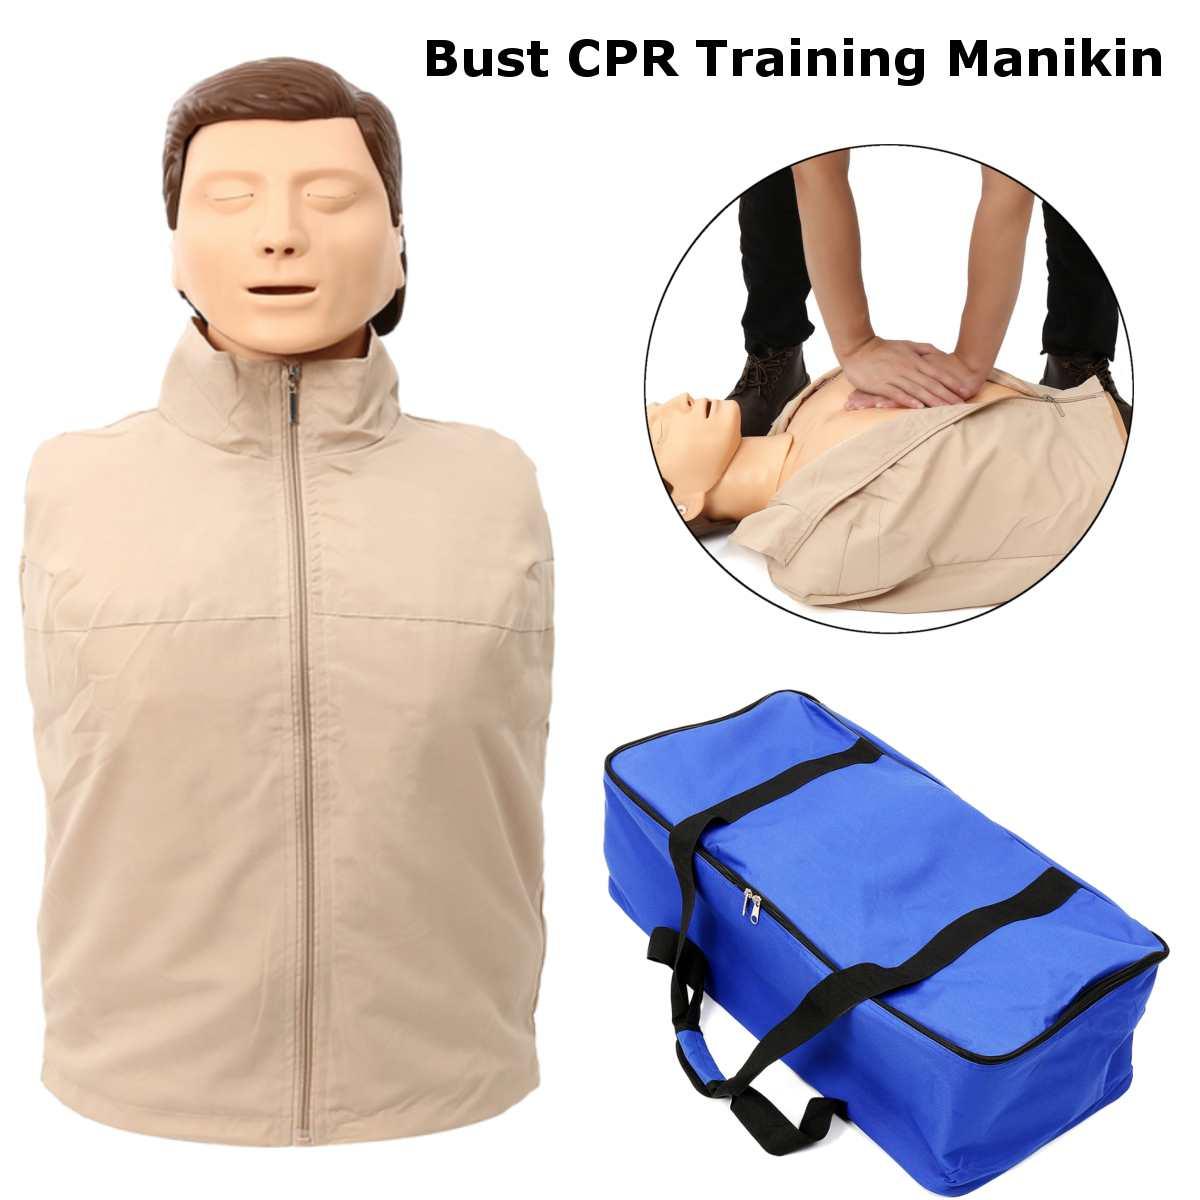 70x22x34 cm Busto CPR Training Manequim Formação Profissional De Enfermagem Médica Manequim Humano Modelo de Formação Em Primeiros Socorros modelo Novo